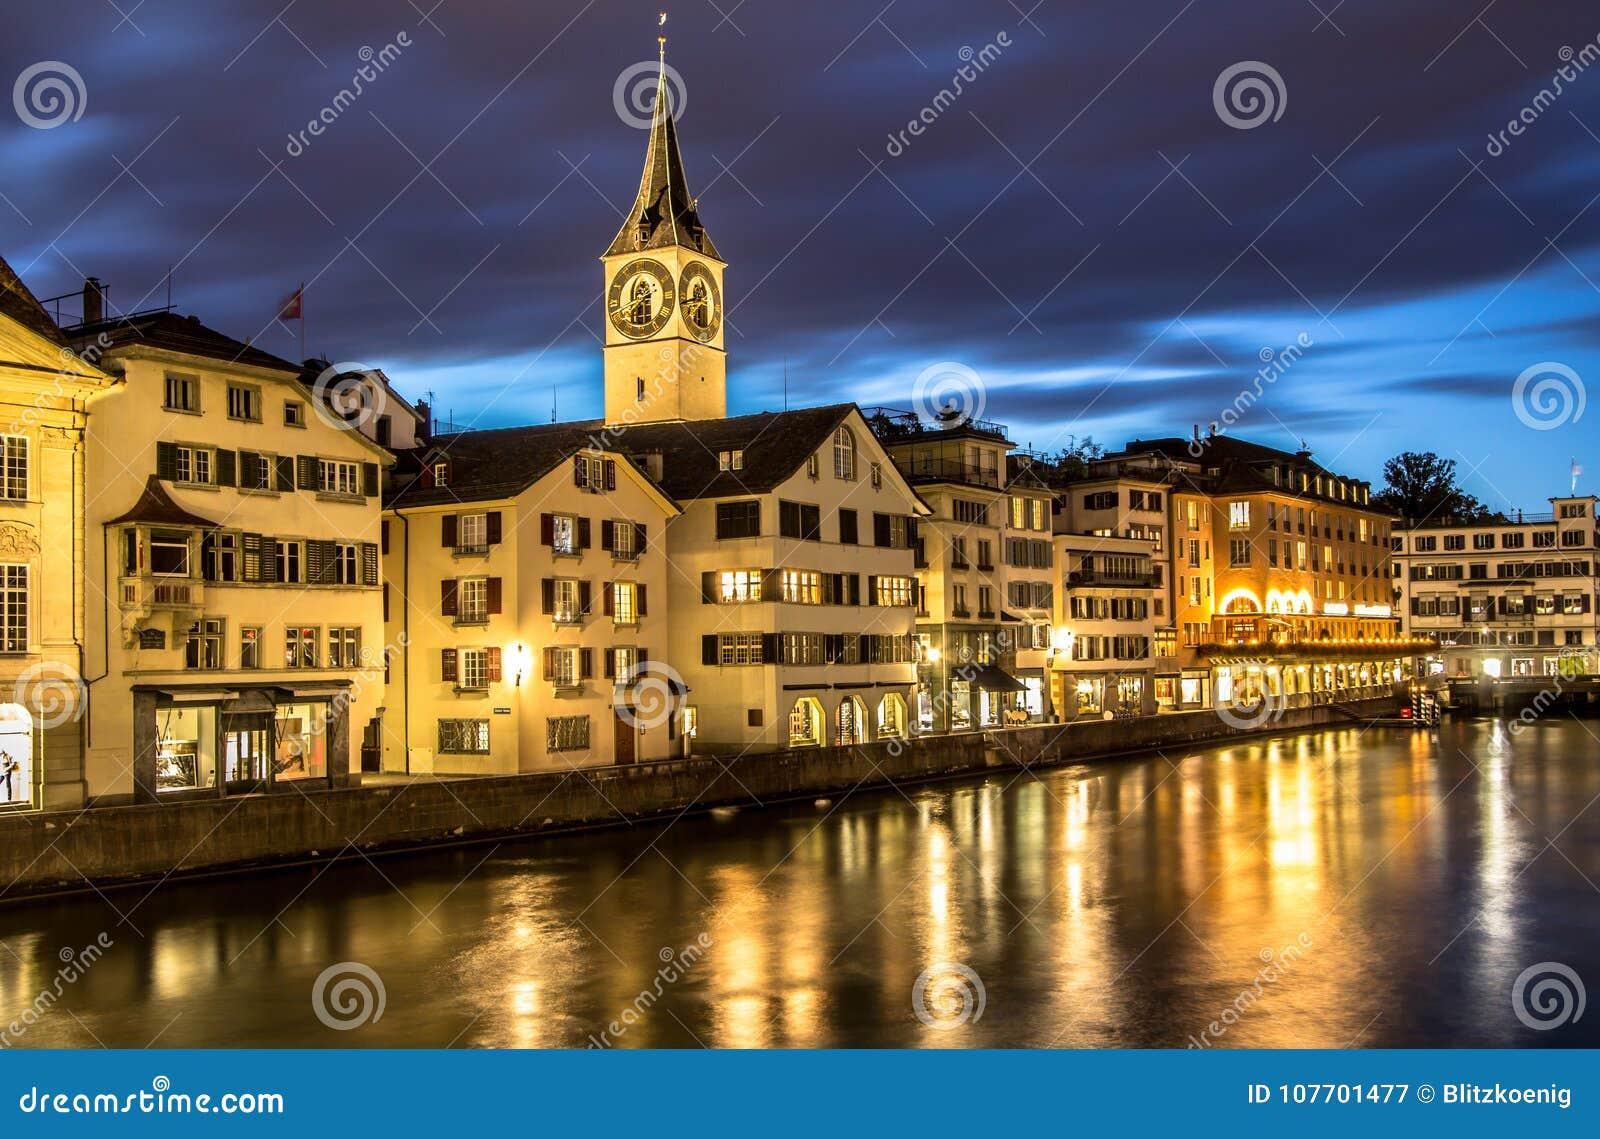 Download Zürich, St Peter Church redactionele fotografie. Afbeelding bestaande uit architectuur - 107701477